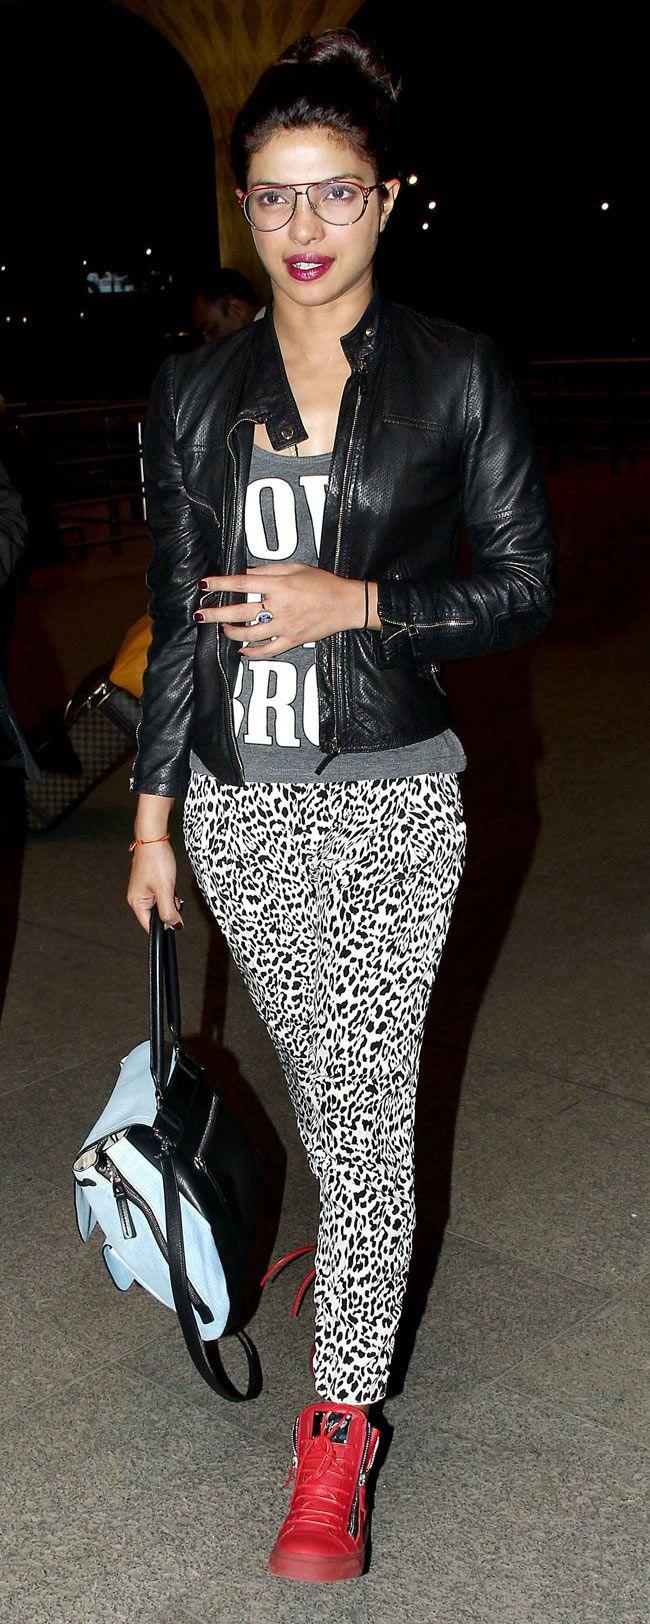 Priyanka Chopra spotted at the Mumbai airport in animal print tights, a tee shirt and black jacket